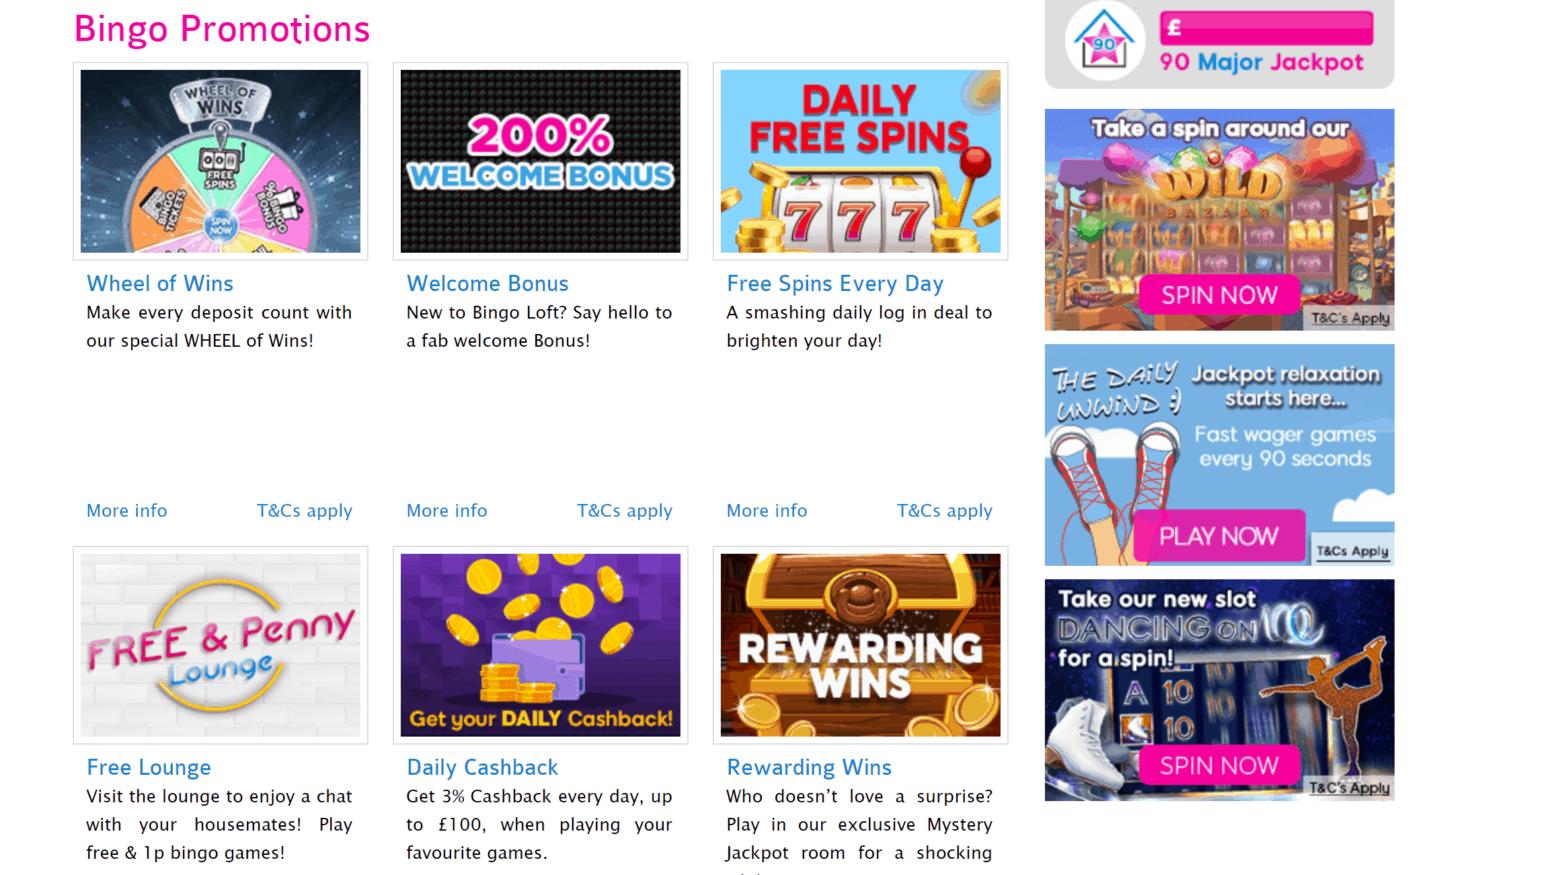 bingo loft promo